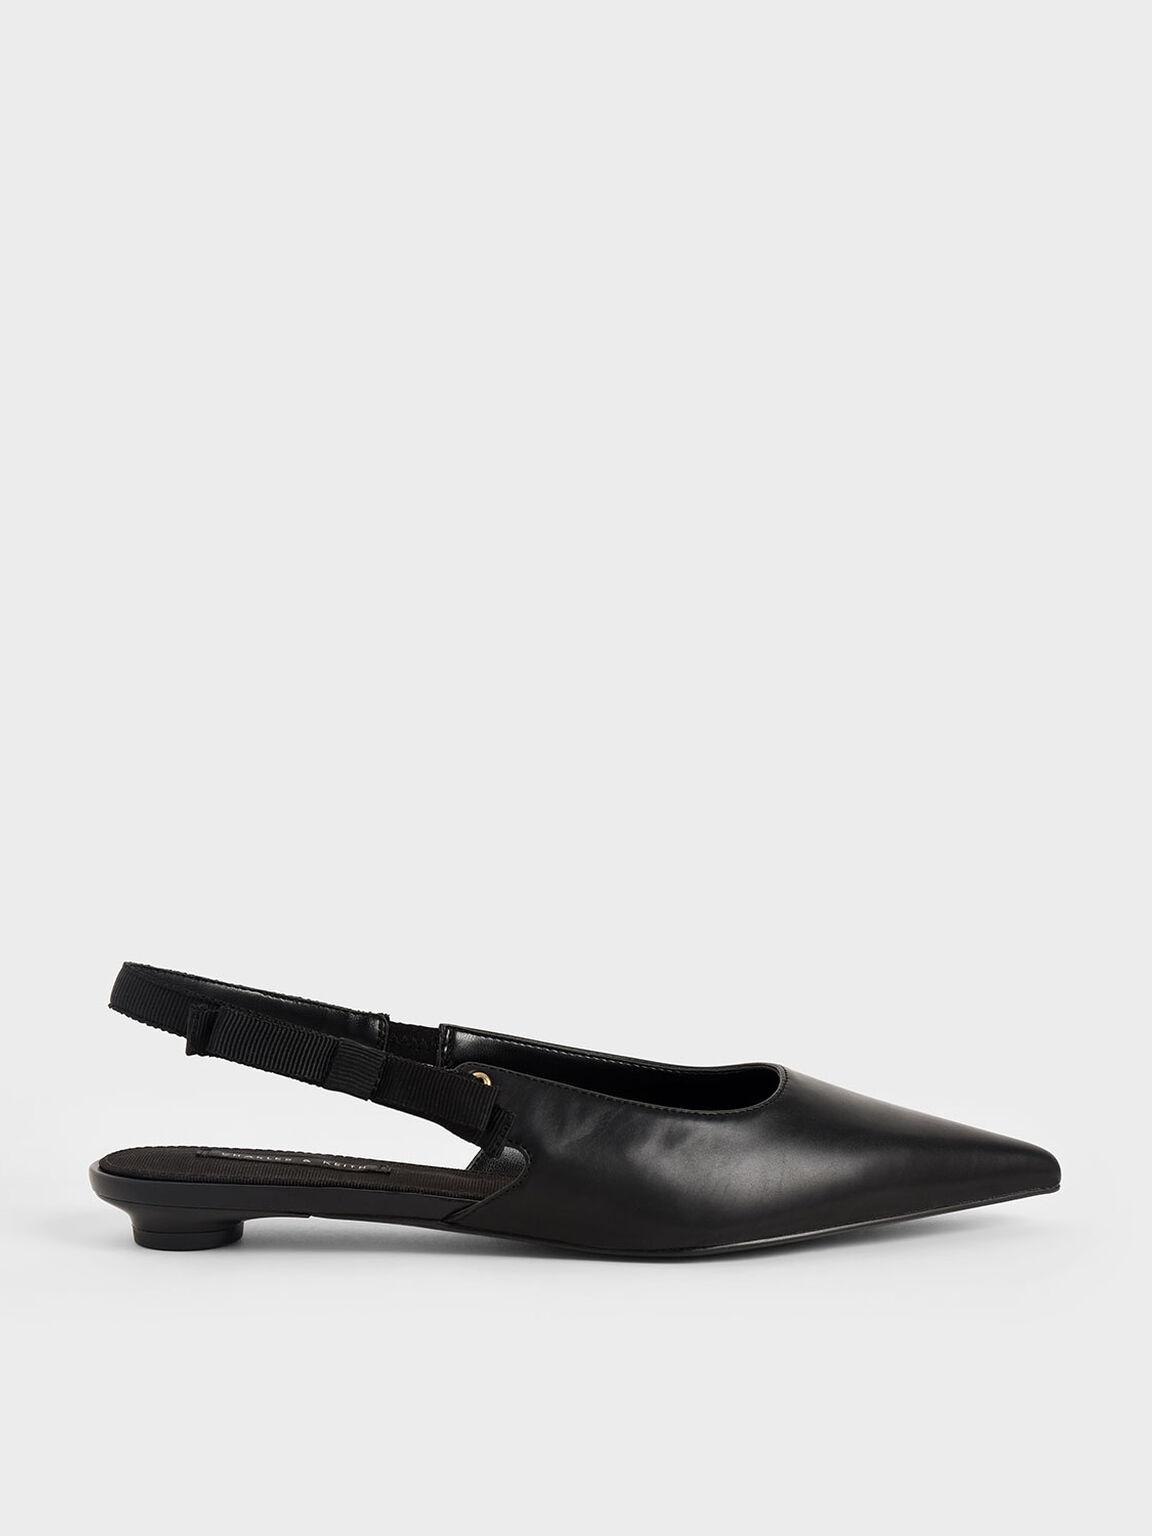 Ribbon Tie Slingback Flats, Black, hi-res